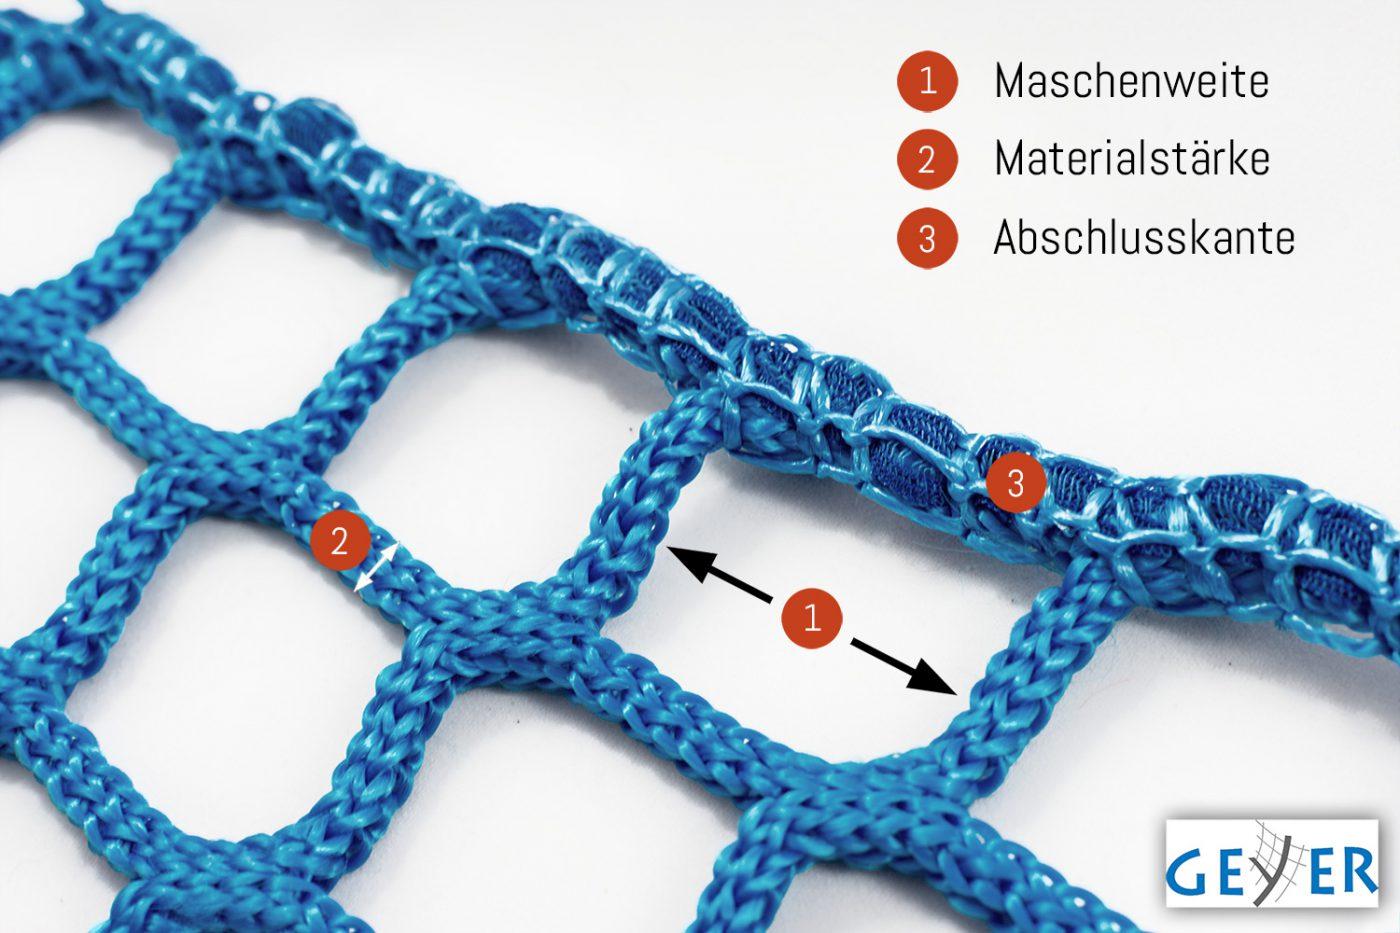 Information über Maschenweite, Materialstärke und Abschlusskante